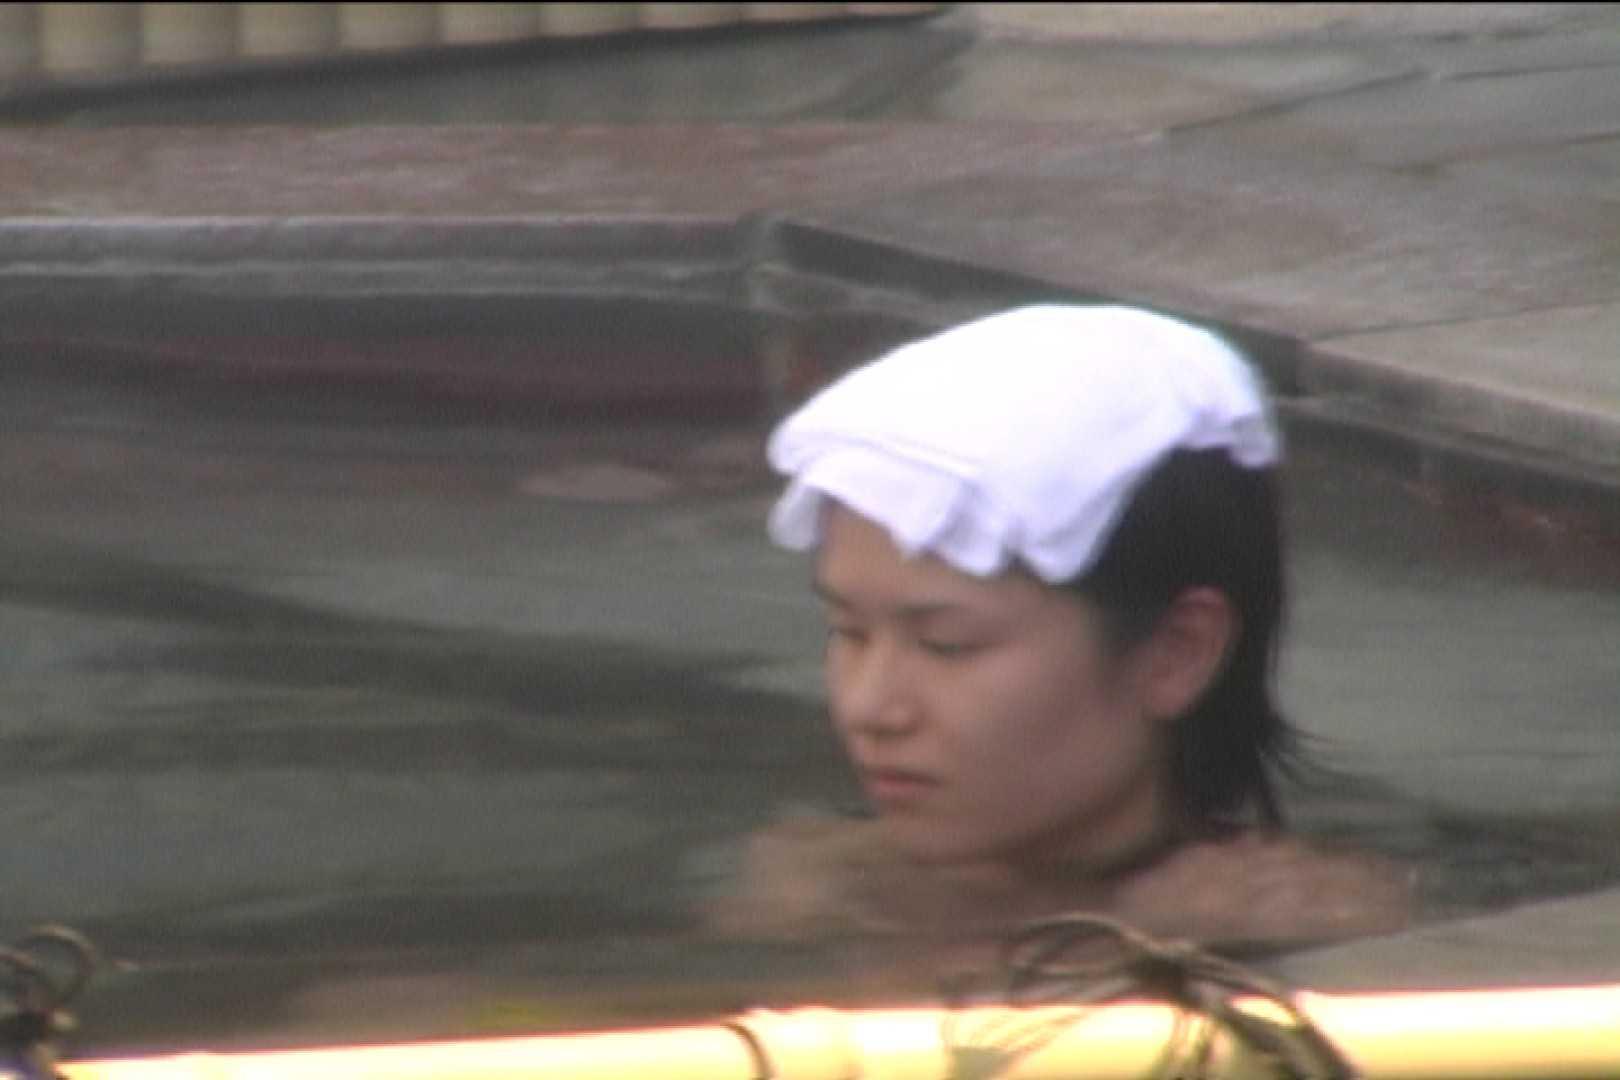 Aquaな露天風呂Vol.530 盗撮 | 露天風呂  98連発 1